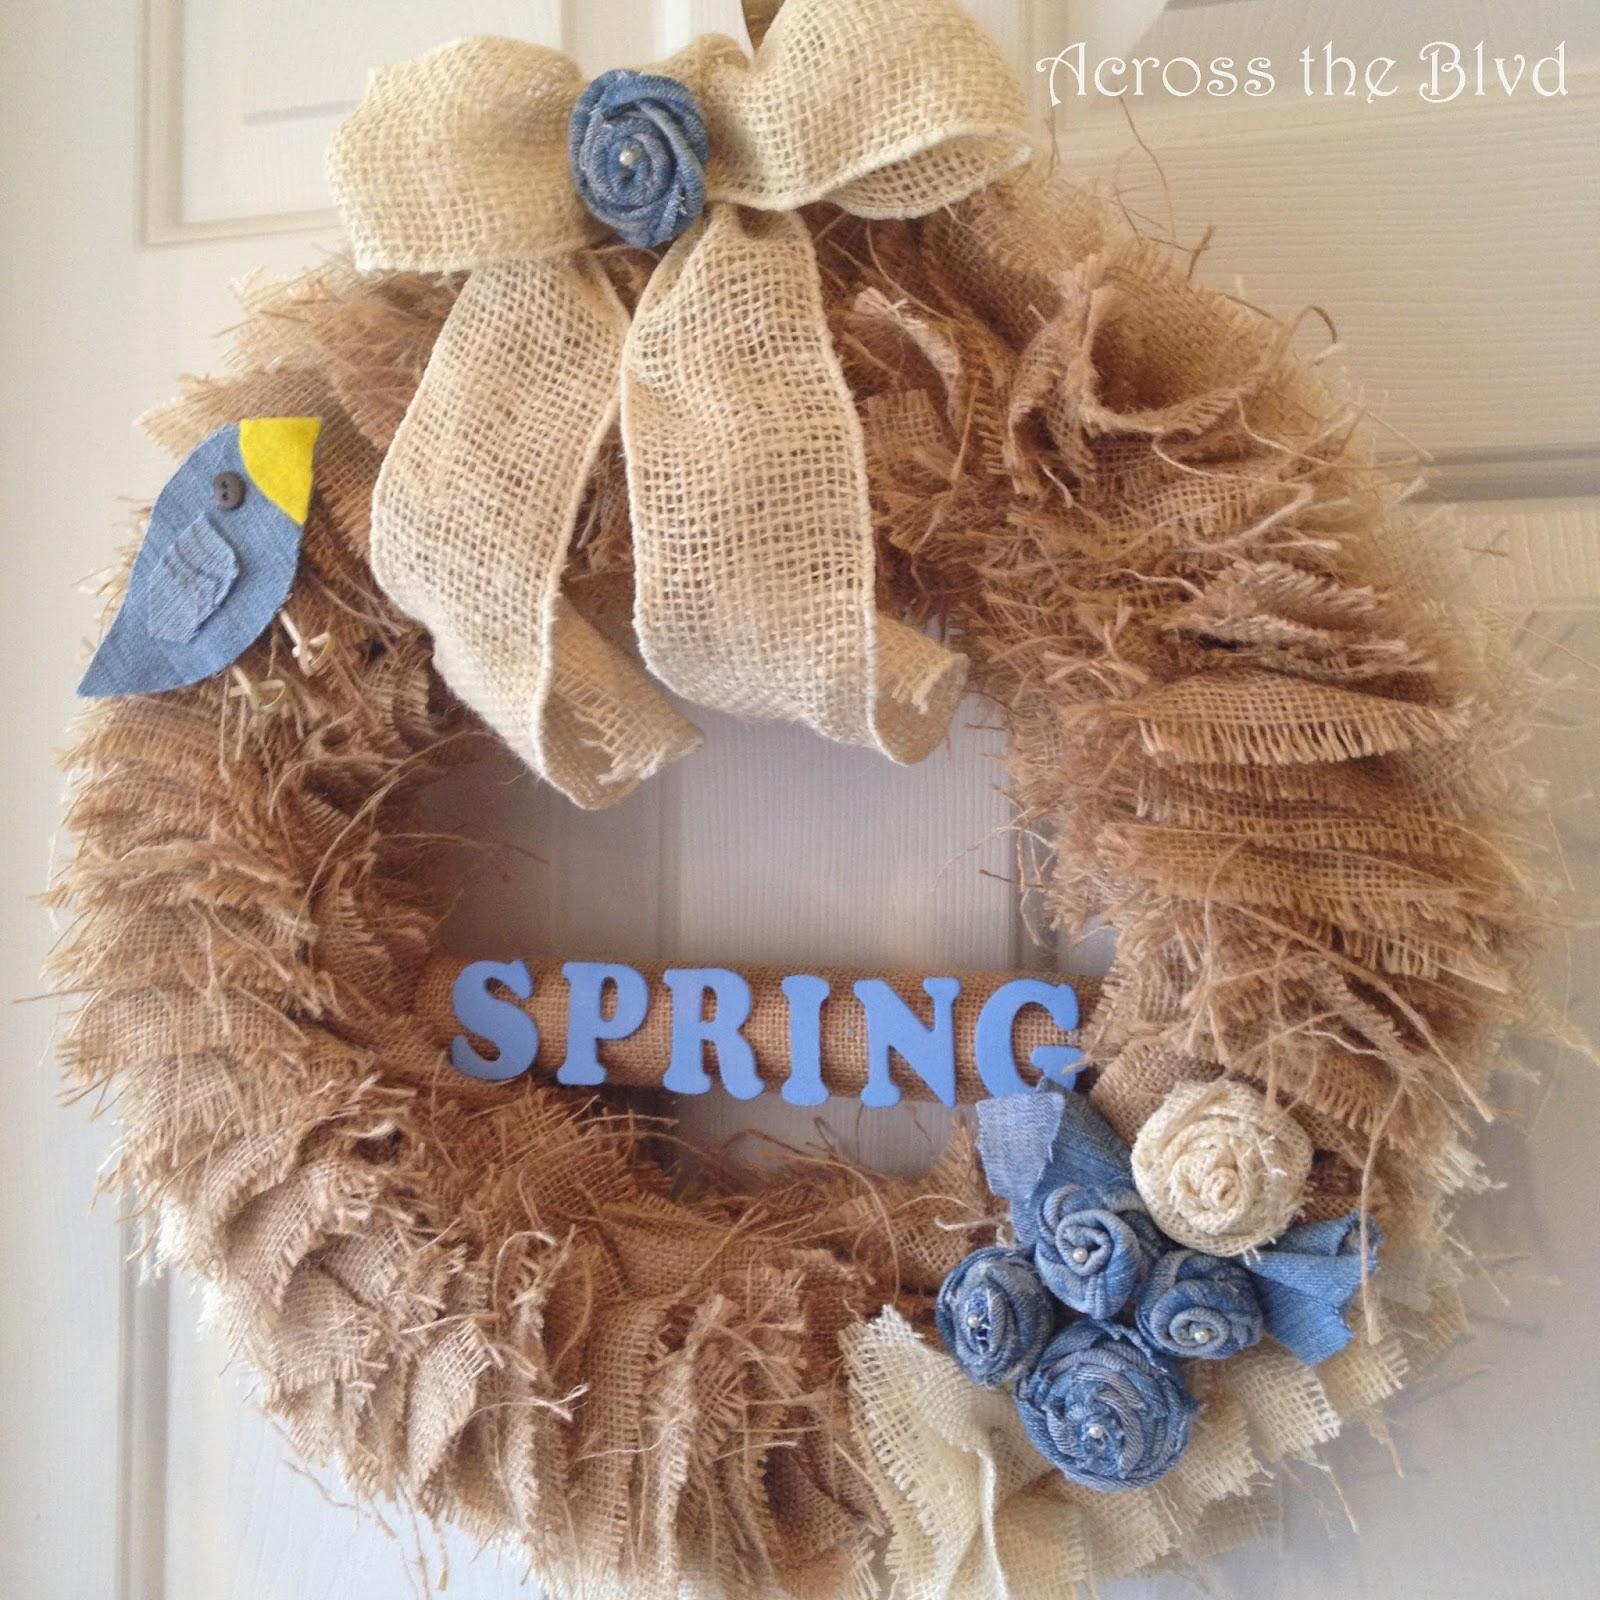 Spring Wreath Using Burlap and Denim